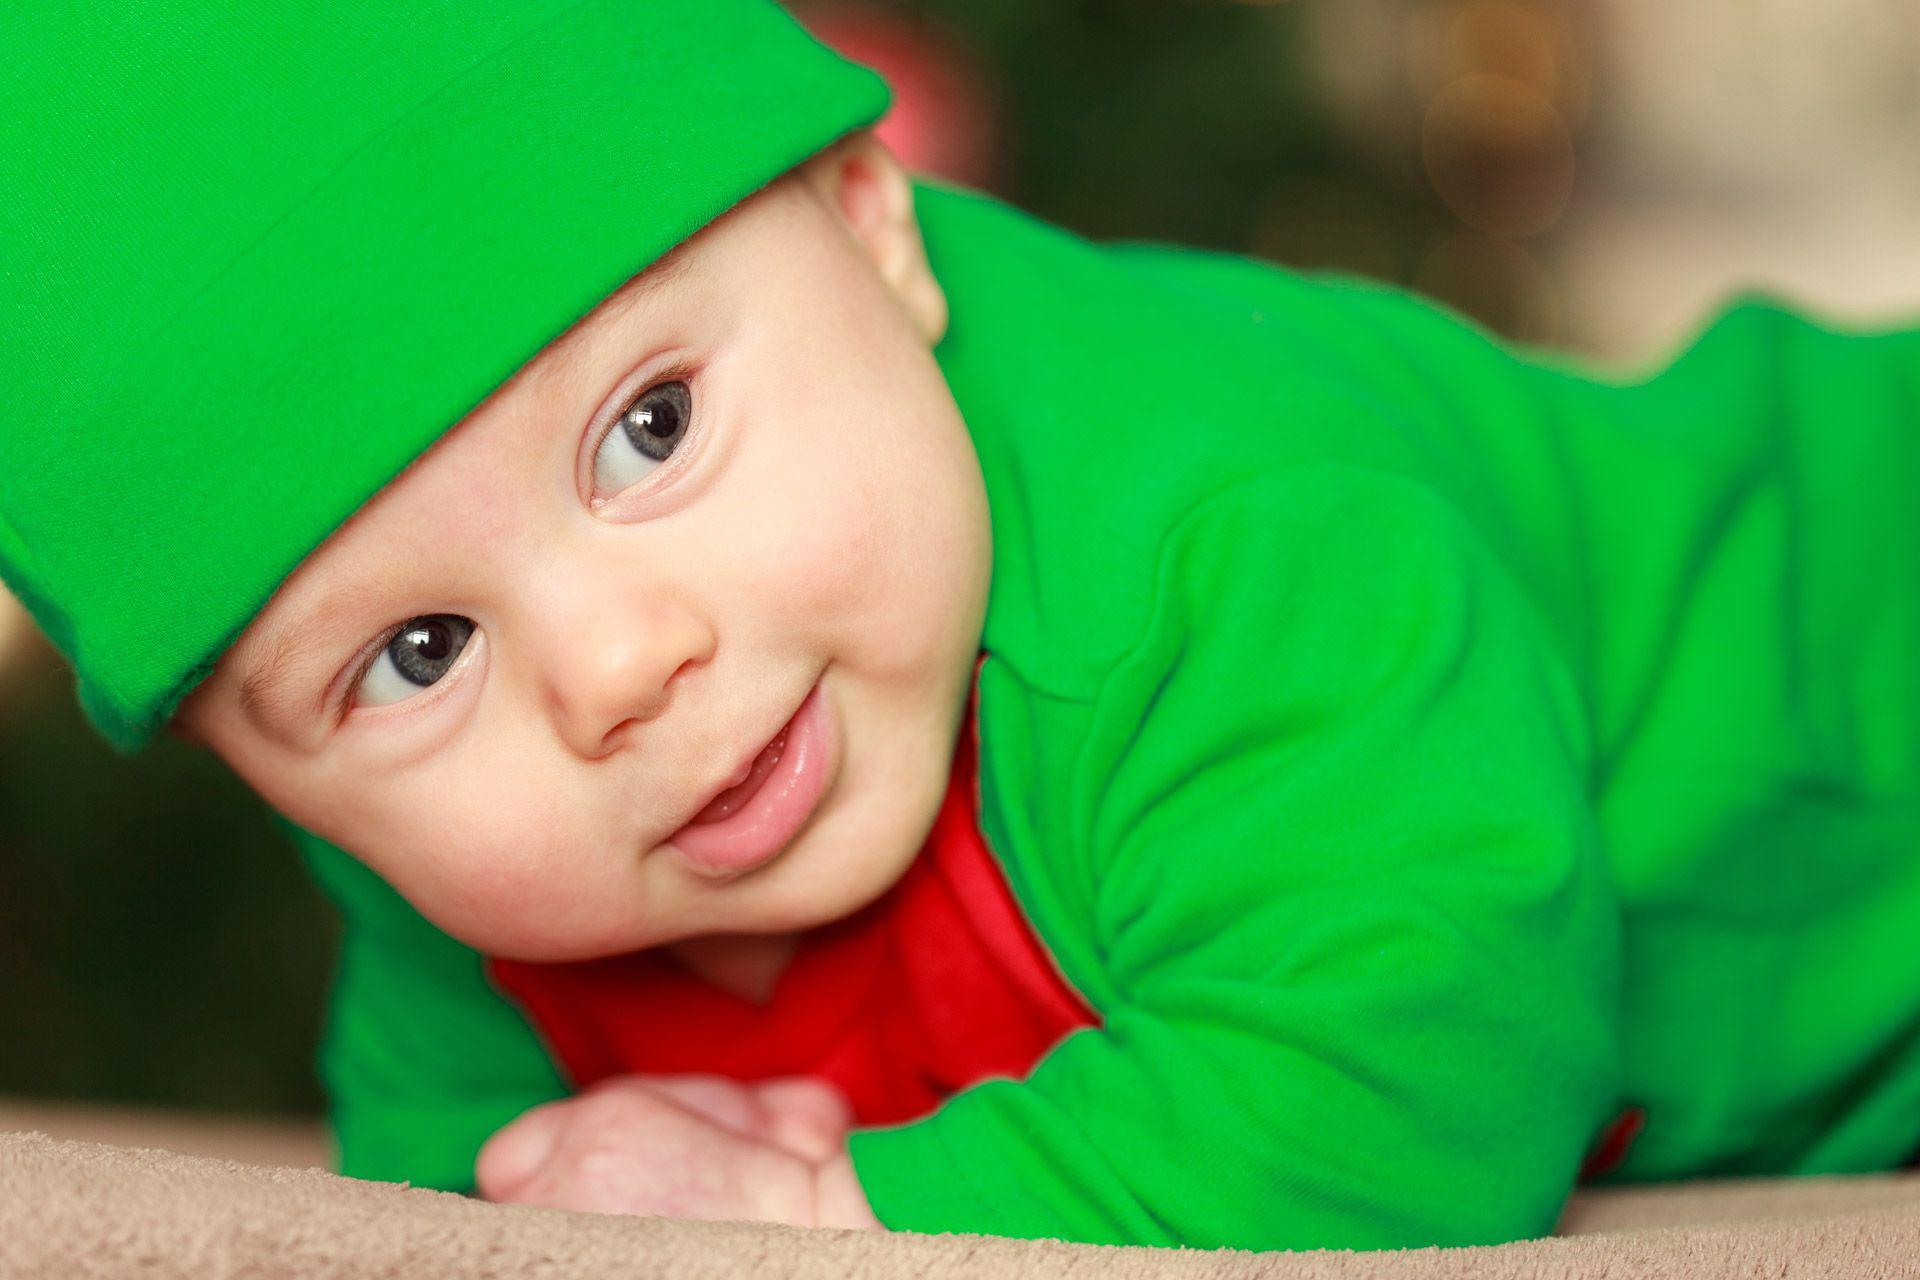 cute little boy hd wallpaper cute baby, hd, wallpapers, sweet